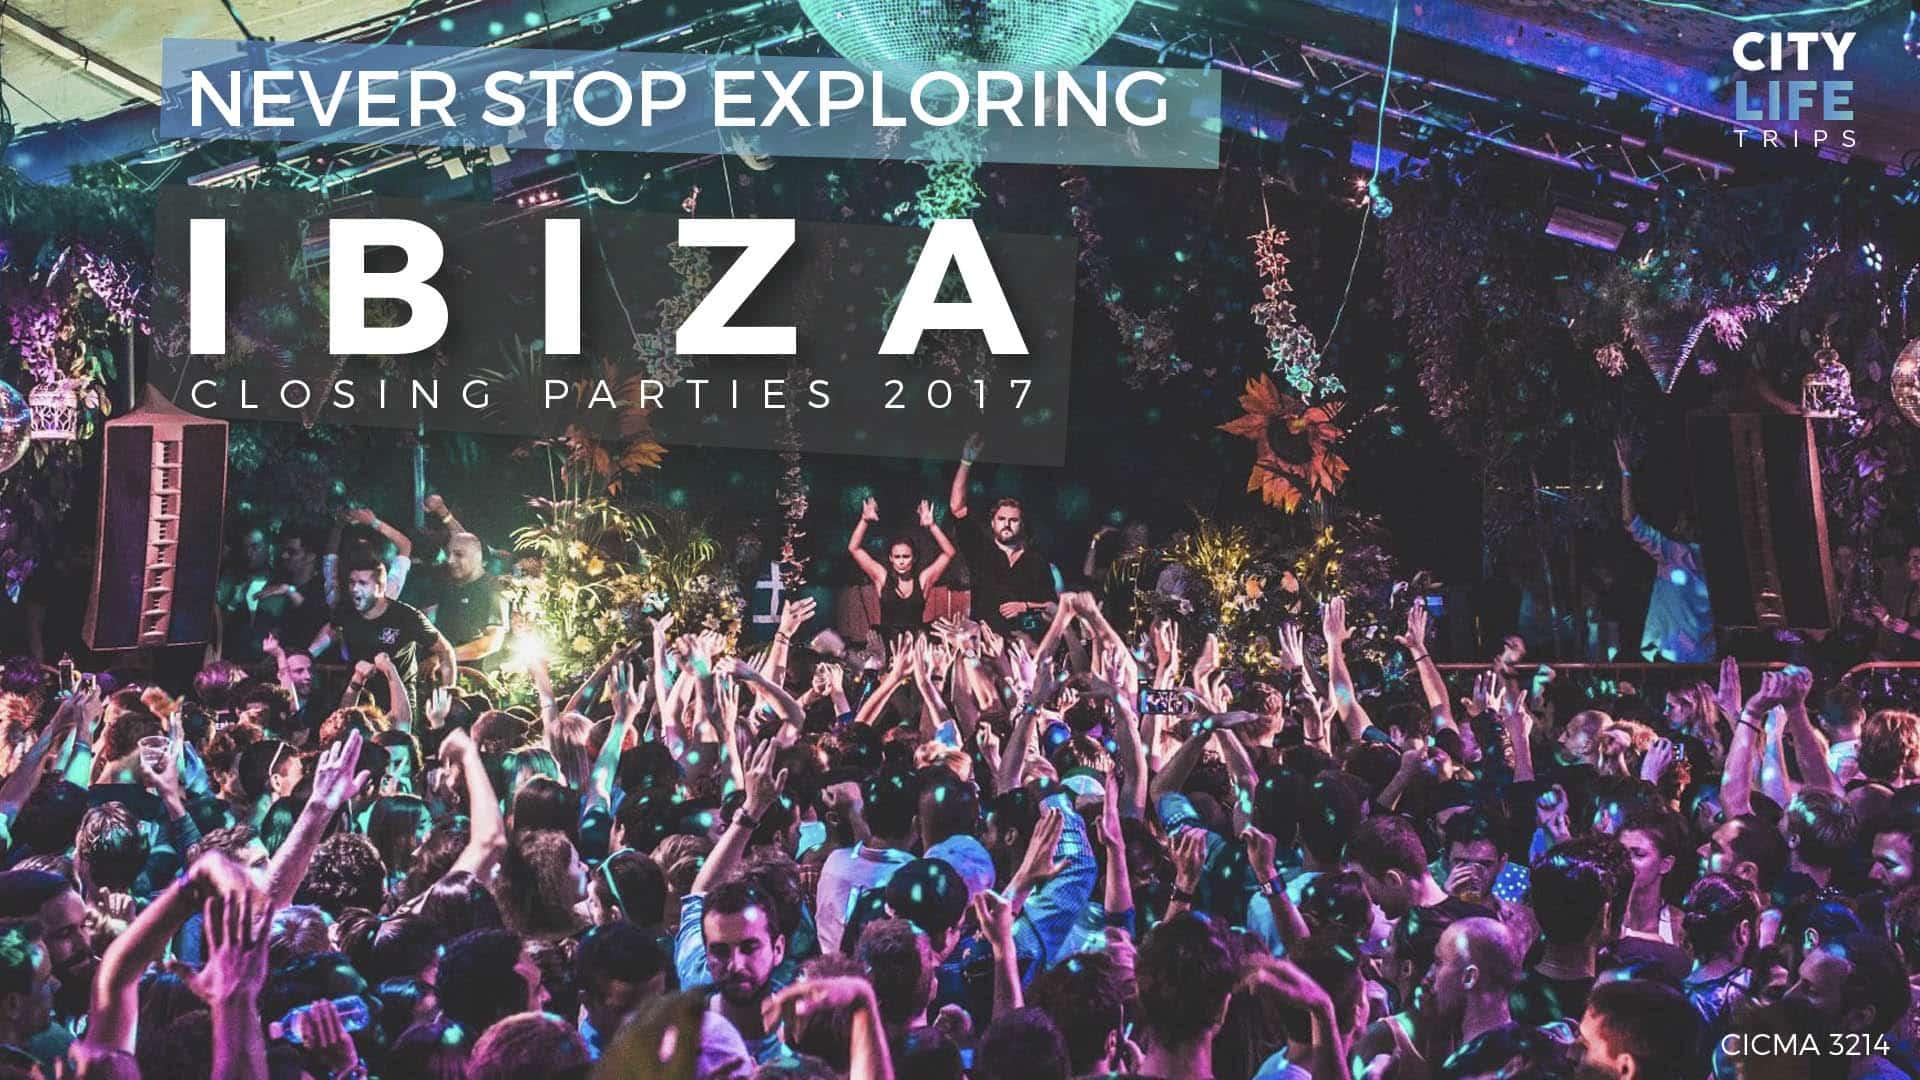 Ibiza - Closing Parties 2017